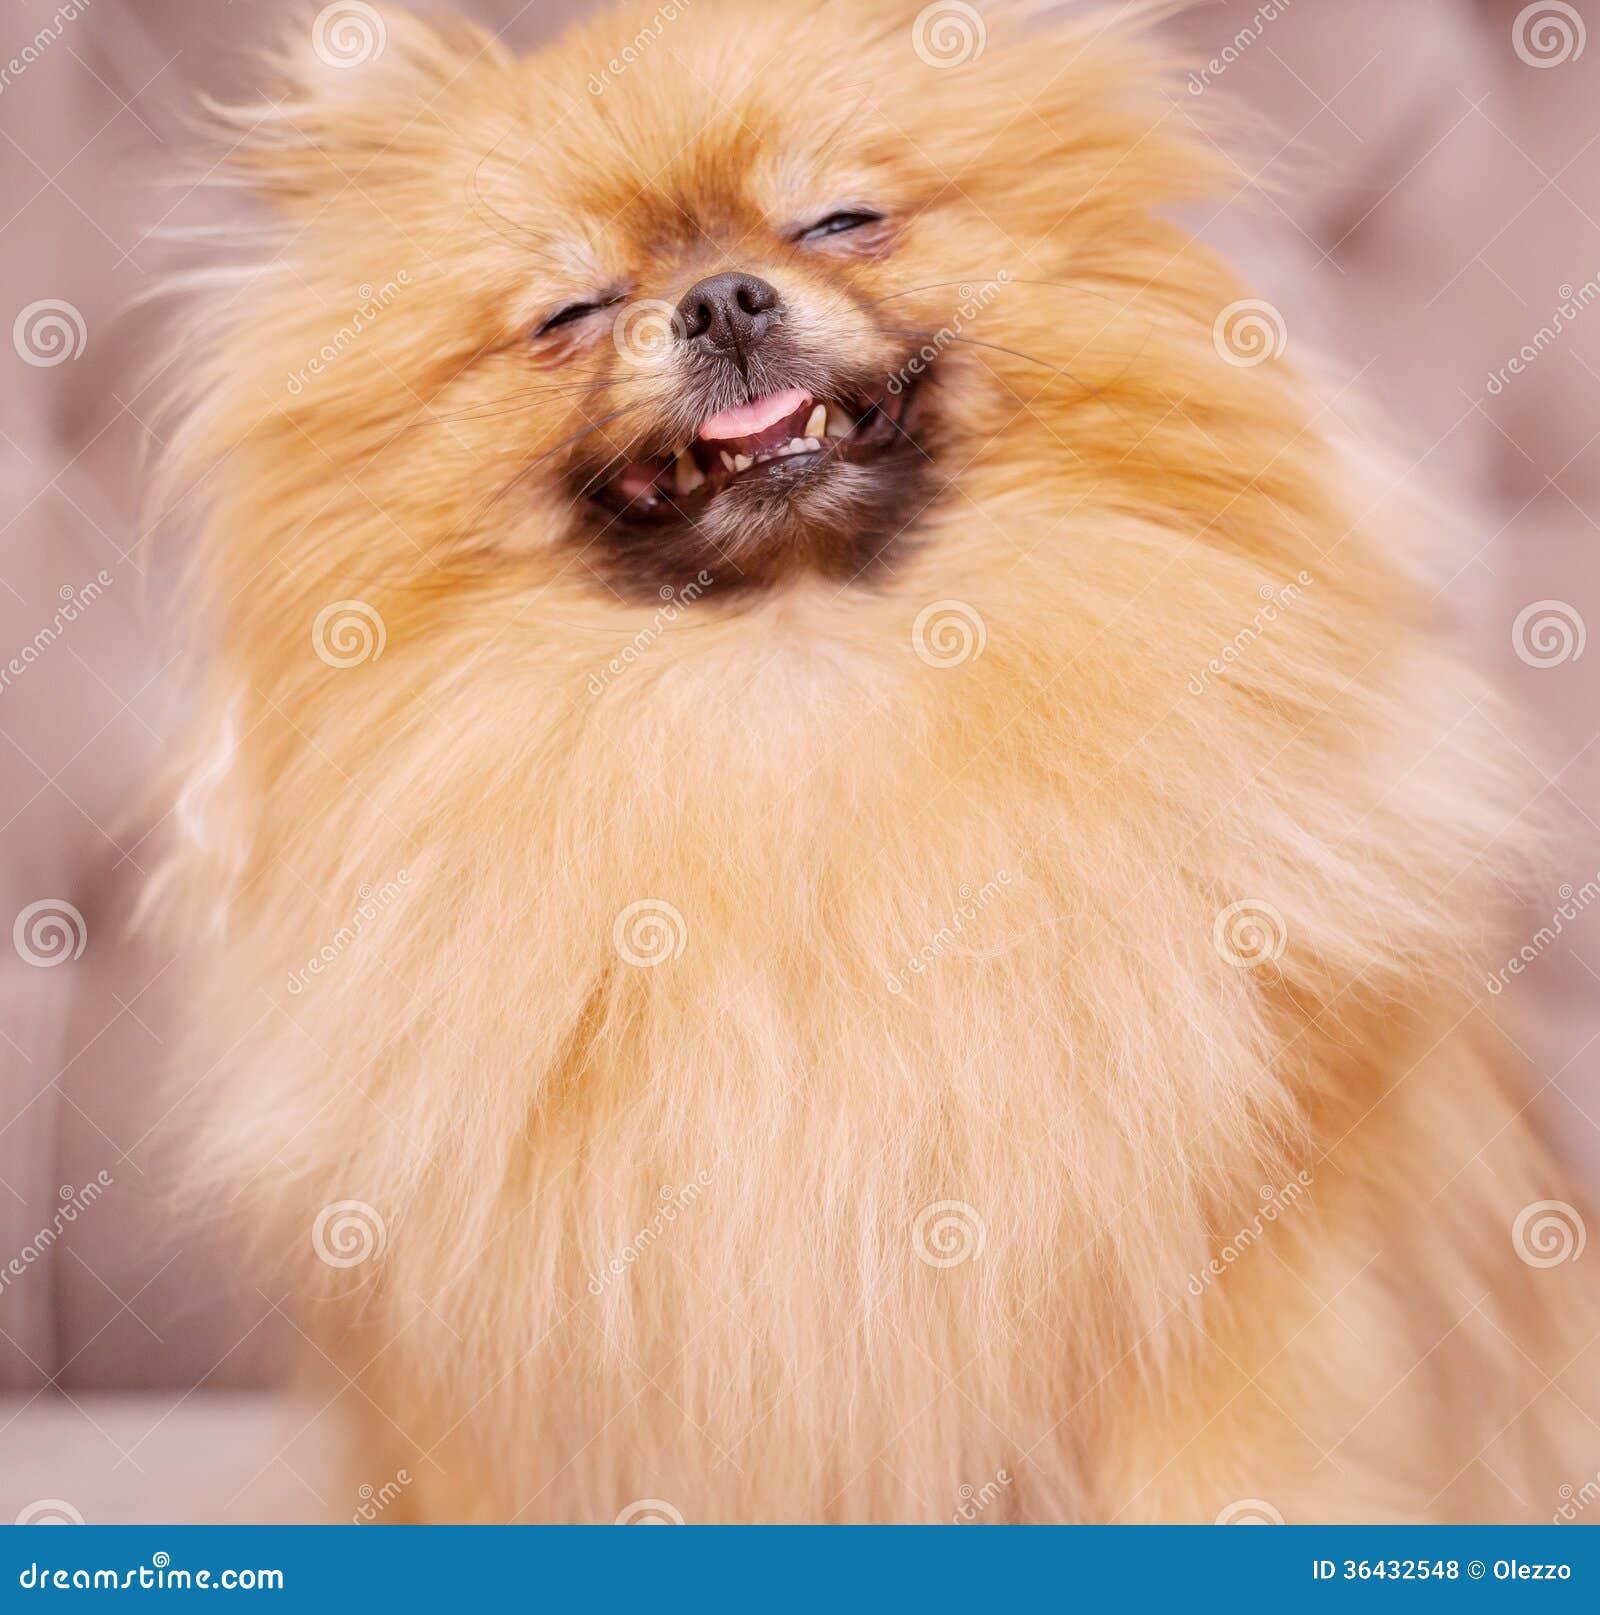 Funny And Fluffy Pomeranian Royalty Free Stock Photos